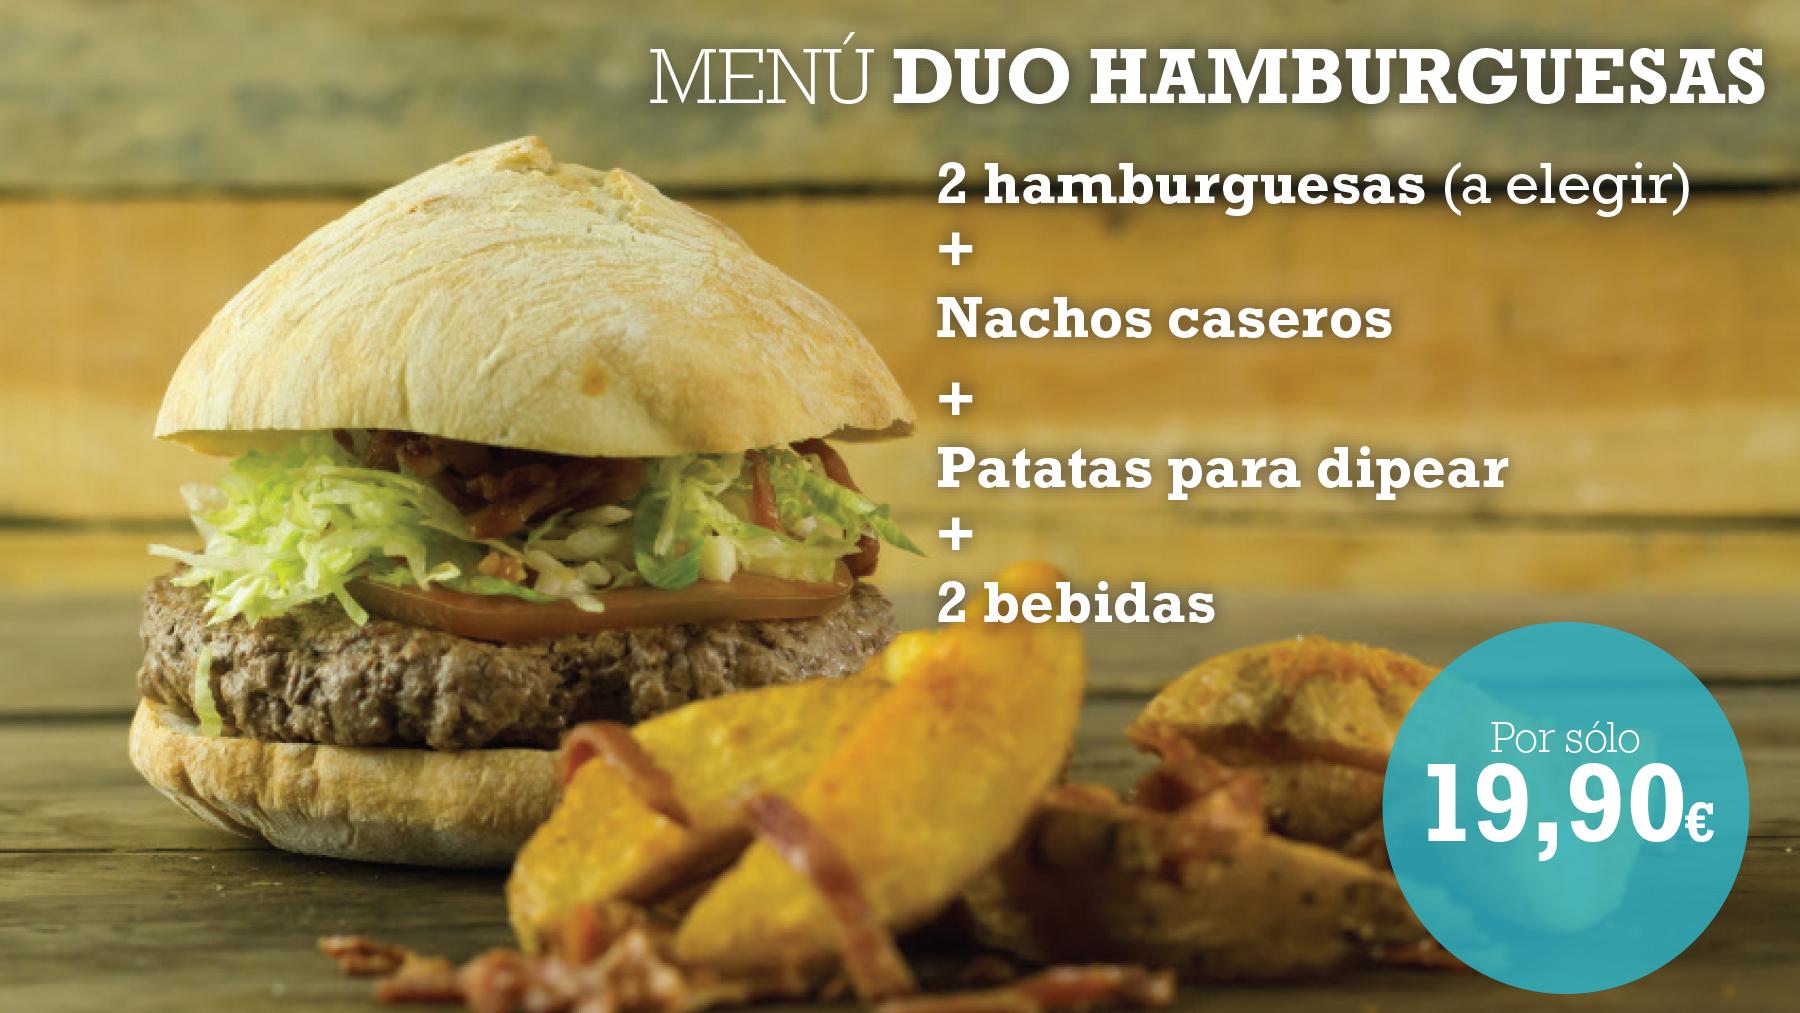 menus_tv_duo_hamburguesa